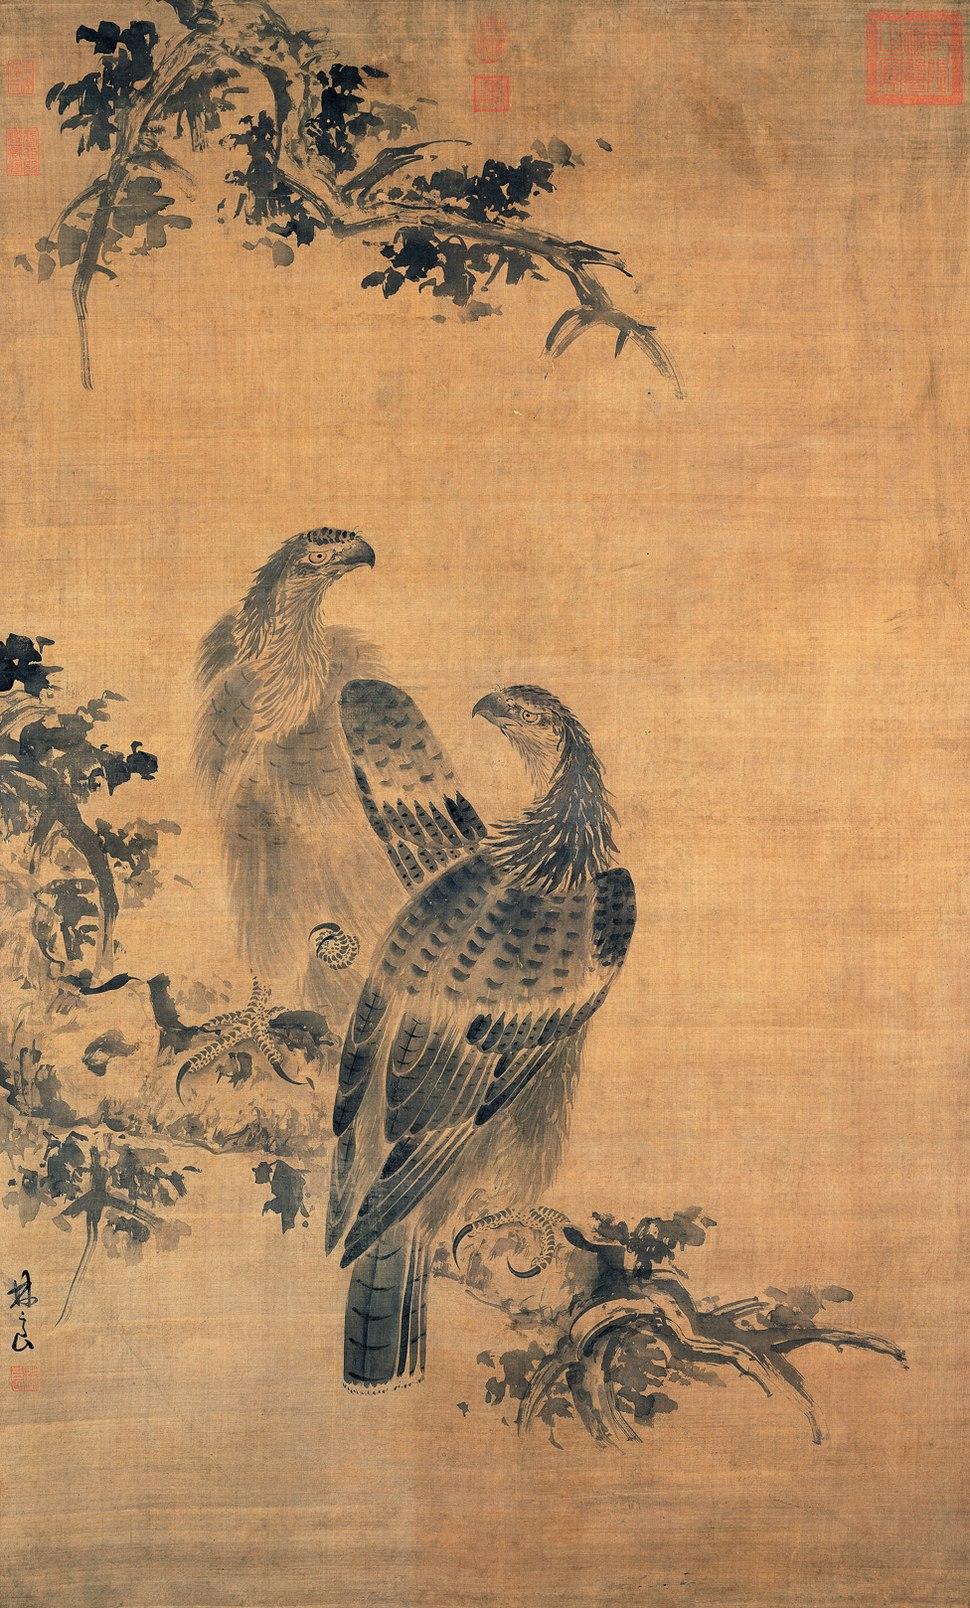 Lin Liang-Eagles